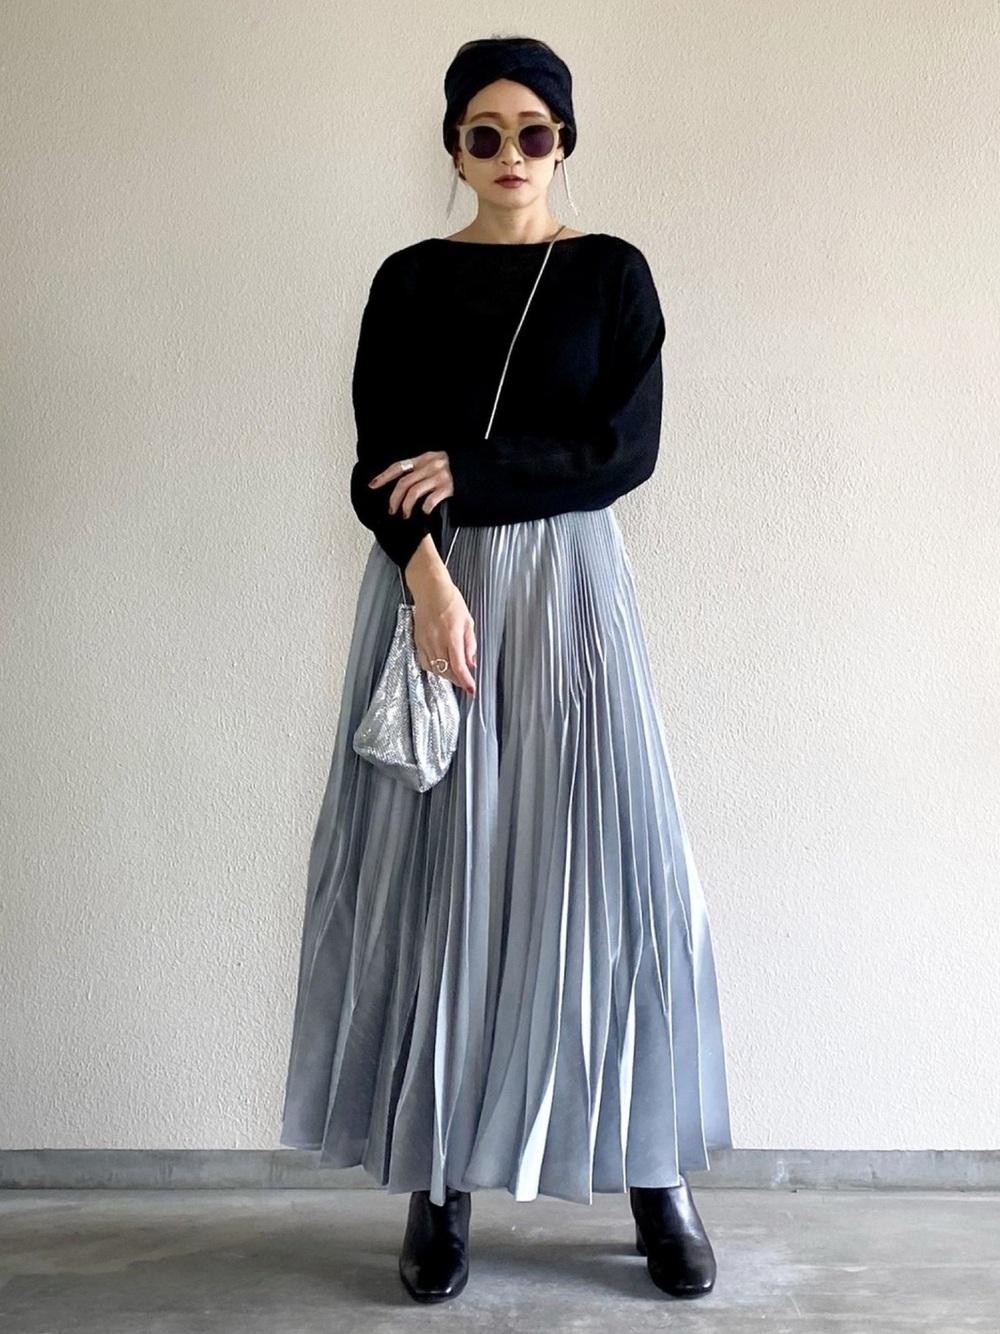 黒ニットにグレーのプリーツスカートのコーデ